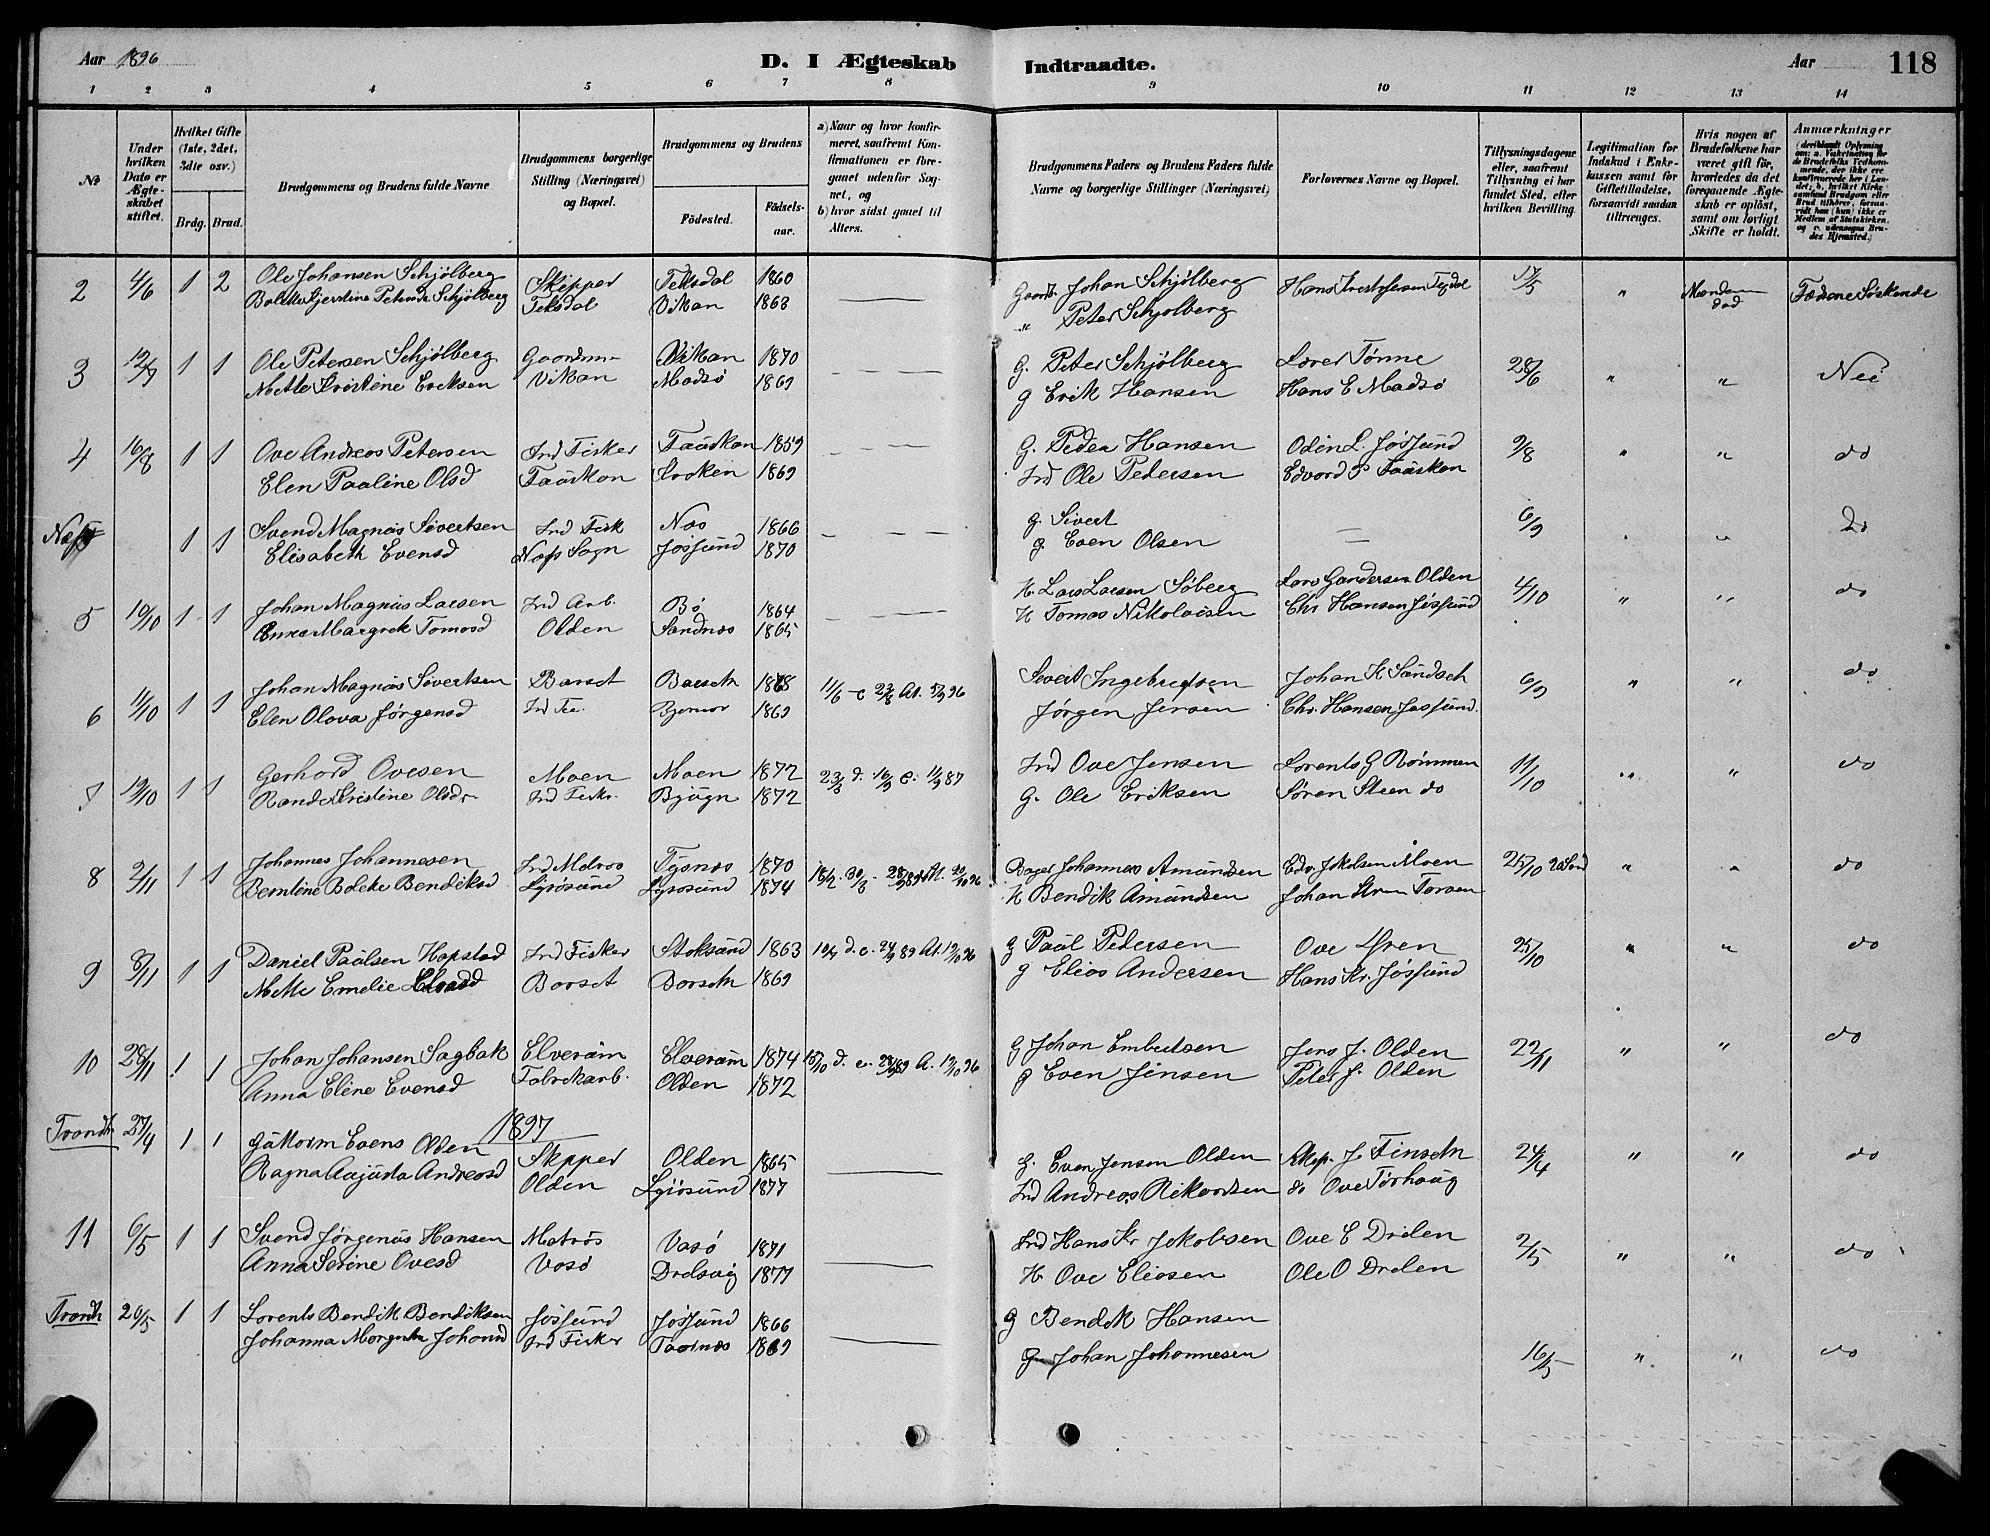 SAT, Ministerialprotokoller, klokkerbøker og fødselsregistre - Sør-Trøndelag, 654/L0665: Klokkerbok nr. 654C01, 1879-1901, s. 118